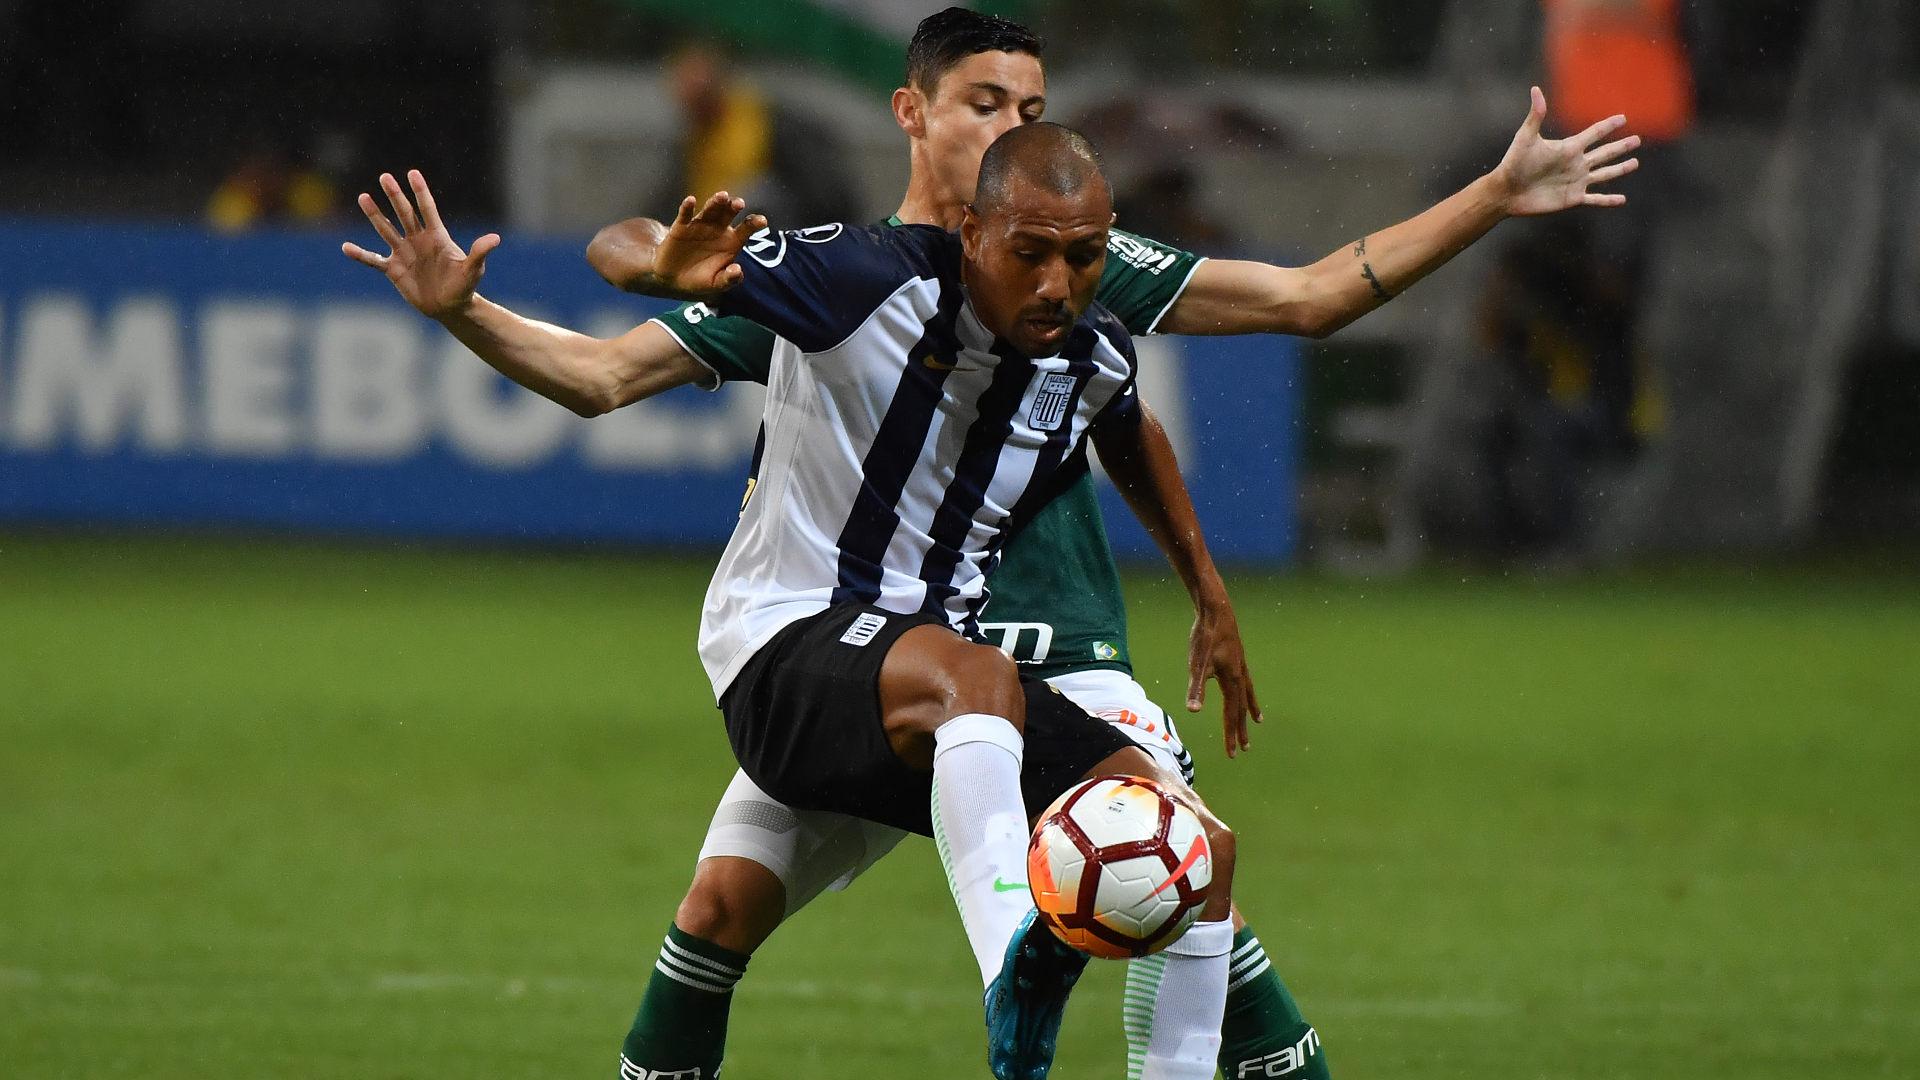 Diogo Barbosa Luis Ramirez Palmeiras Alianza Lima 03042018 Copa Libertadores